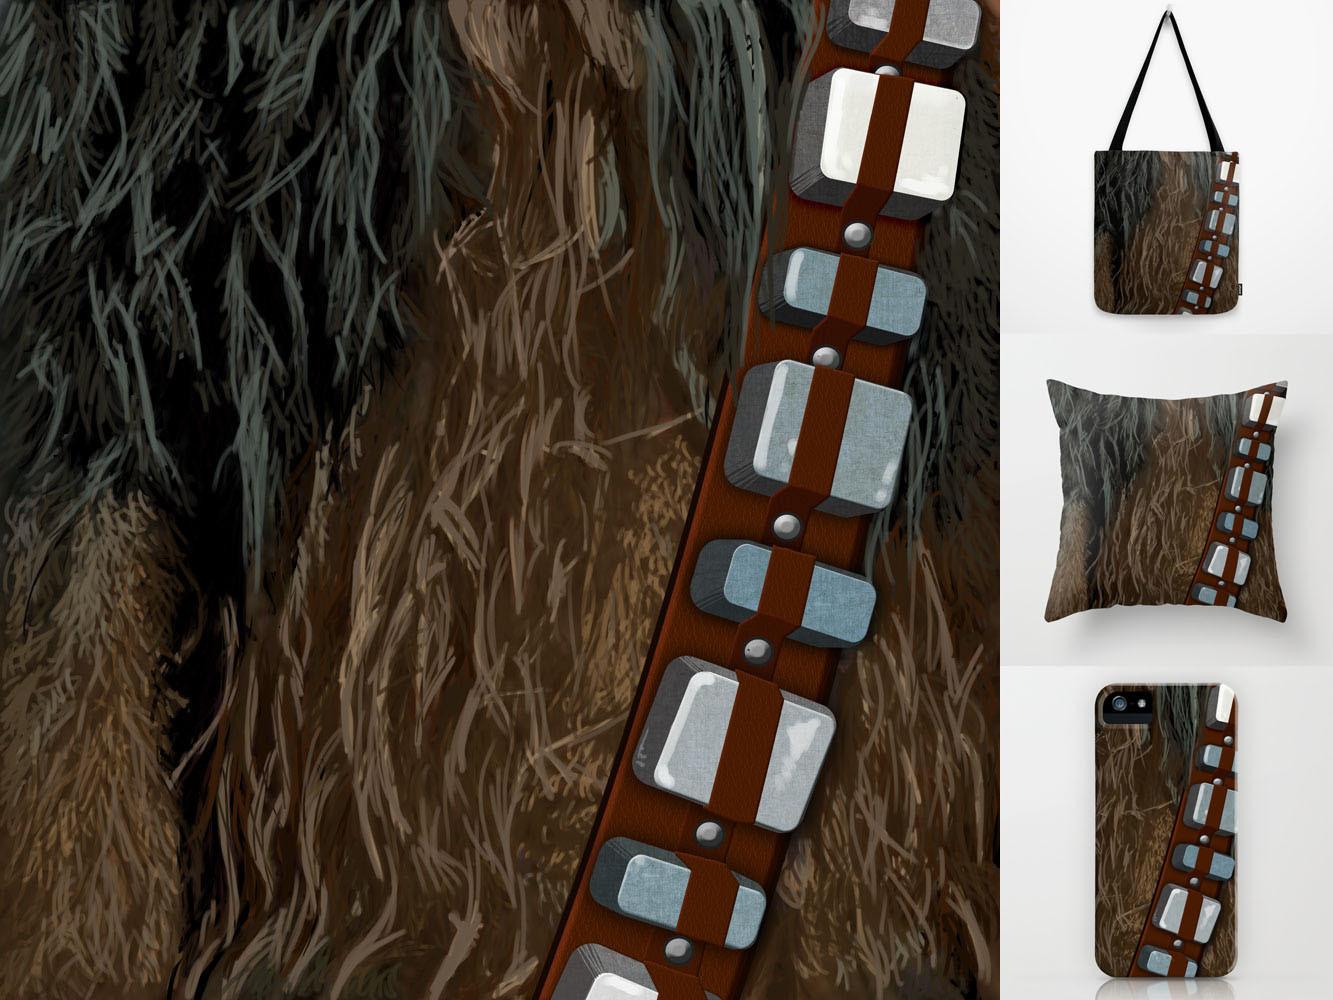 Steve rampton chewbacca